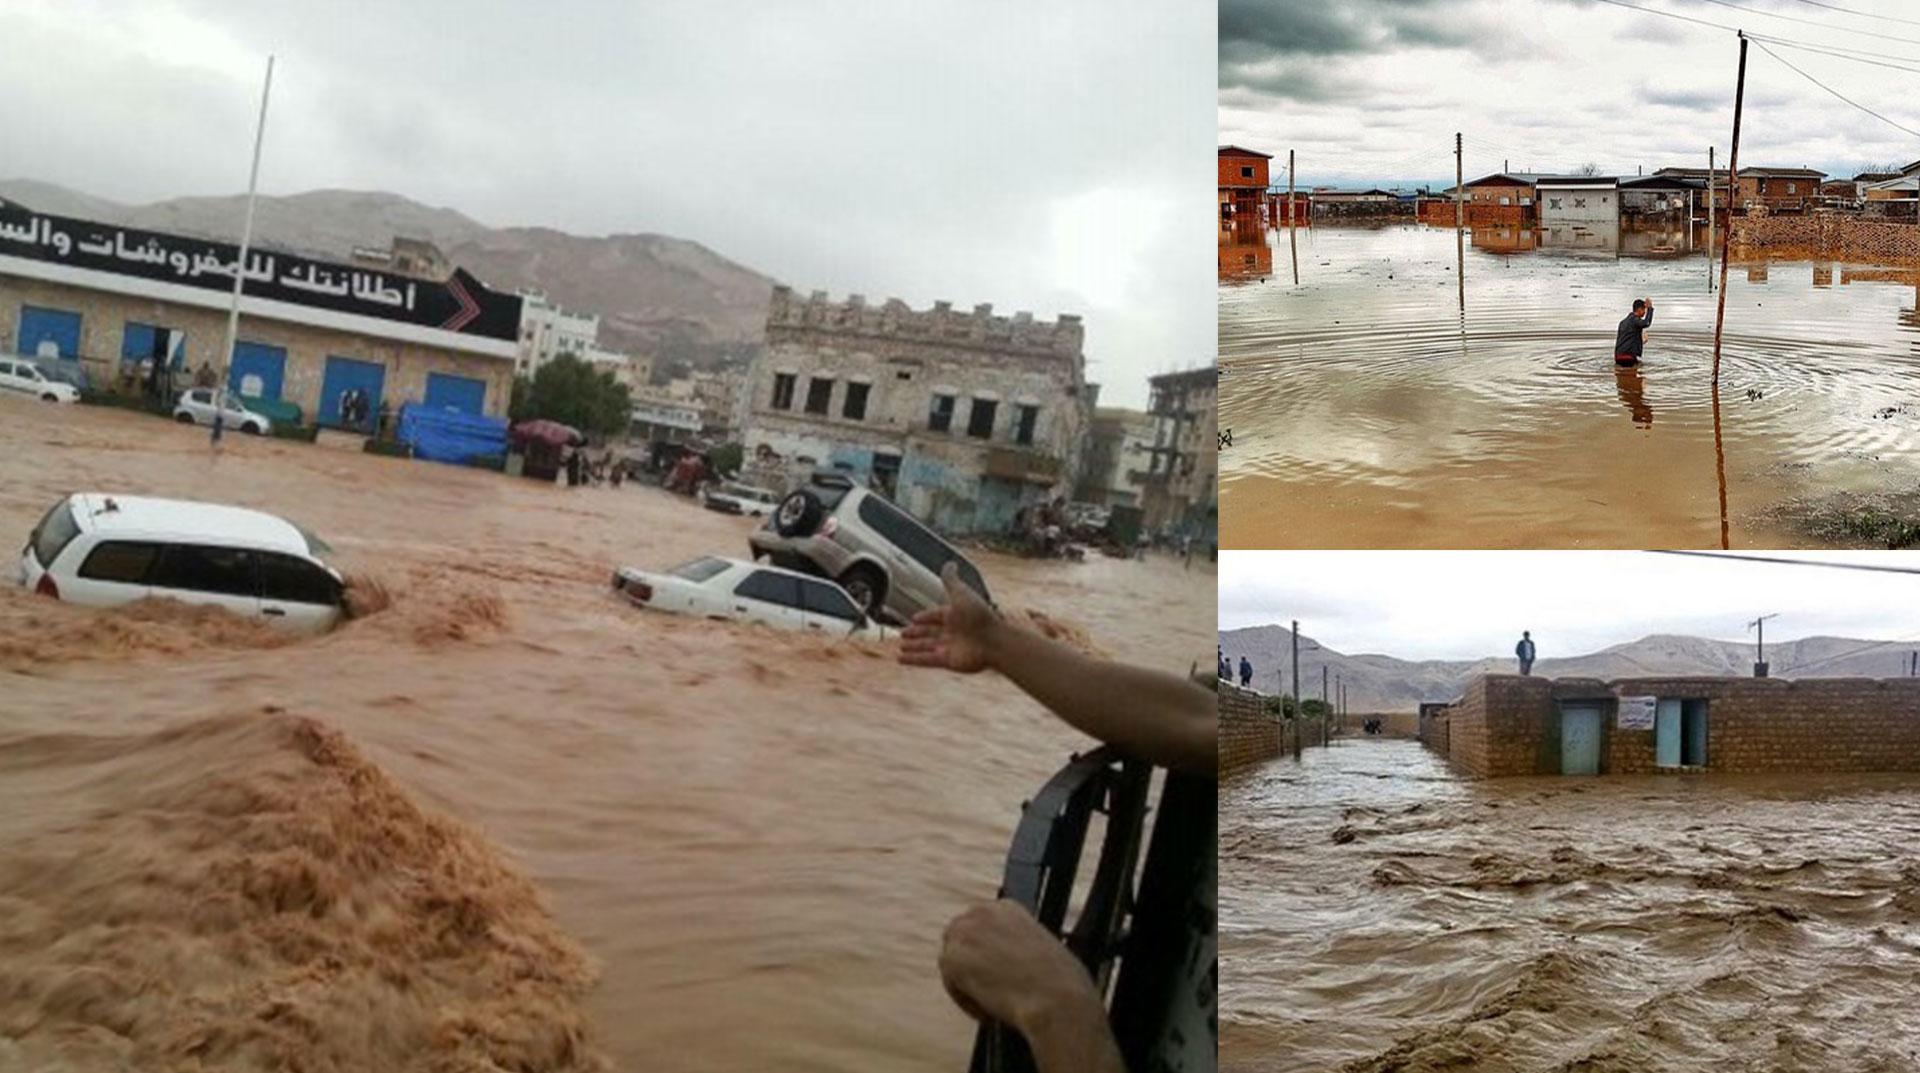 İran'da Sel Felaketi! 26 Can Kaybı